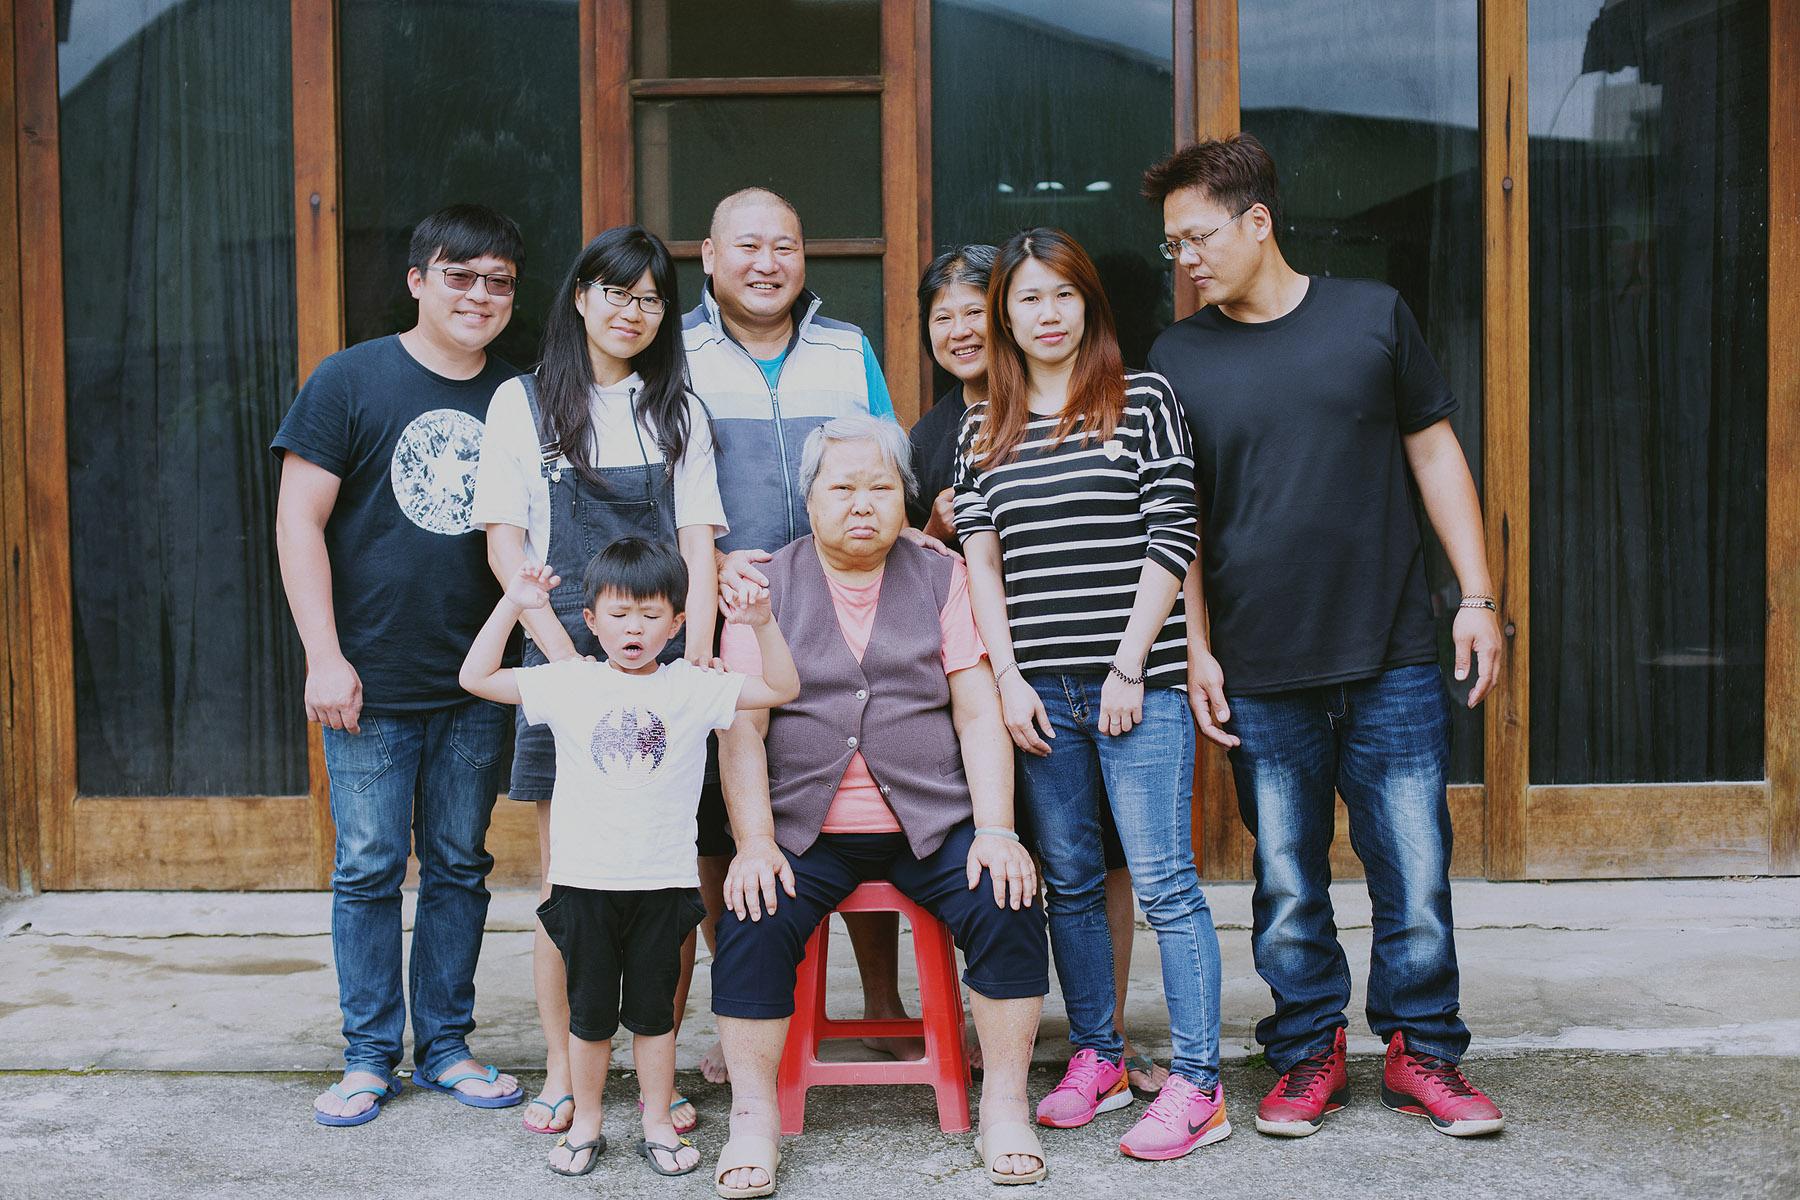 家庭寫真,兒童寫真,孕婦寫真,親子寫真,兒童攝影,全家福照,桃園,台北,新竹,推薦,自然風格,生活風格,居家風格